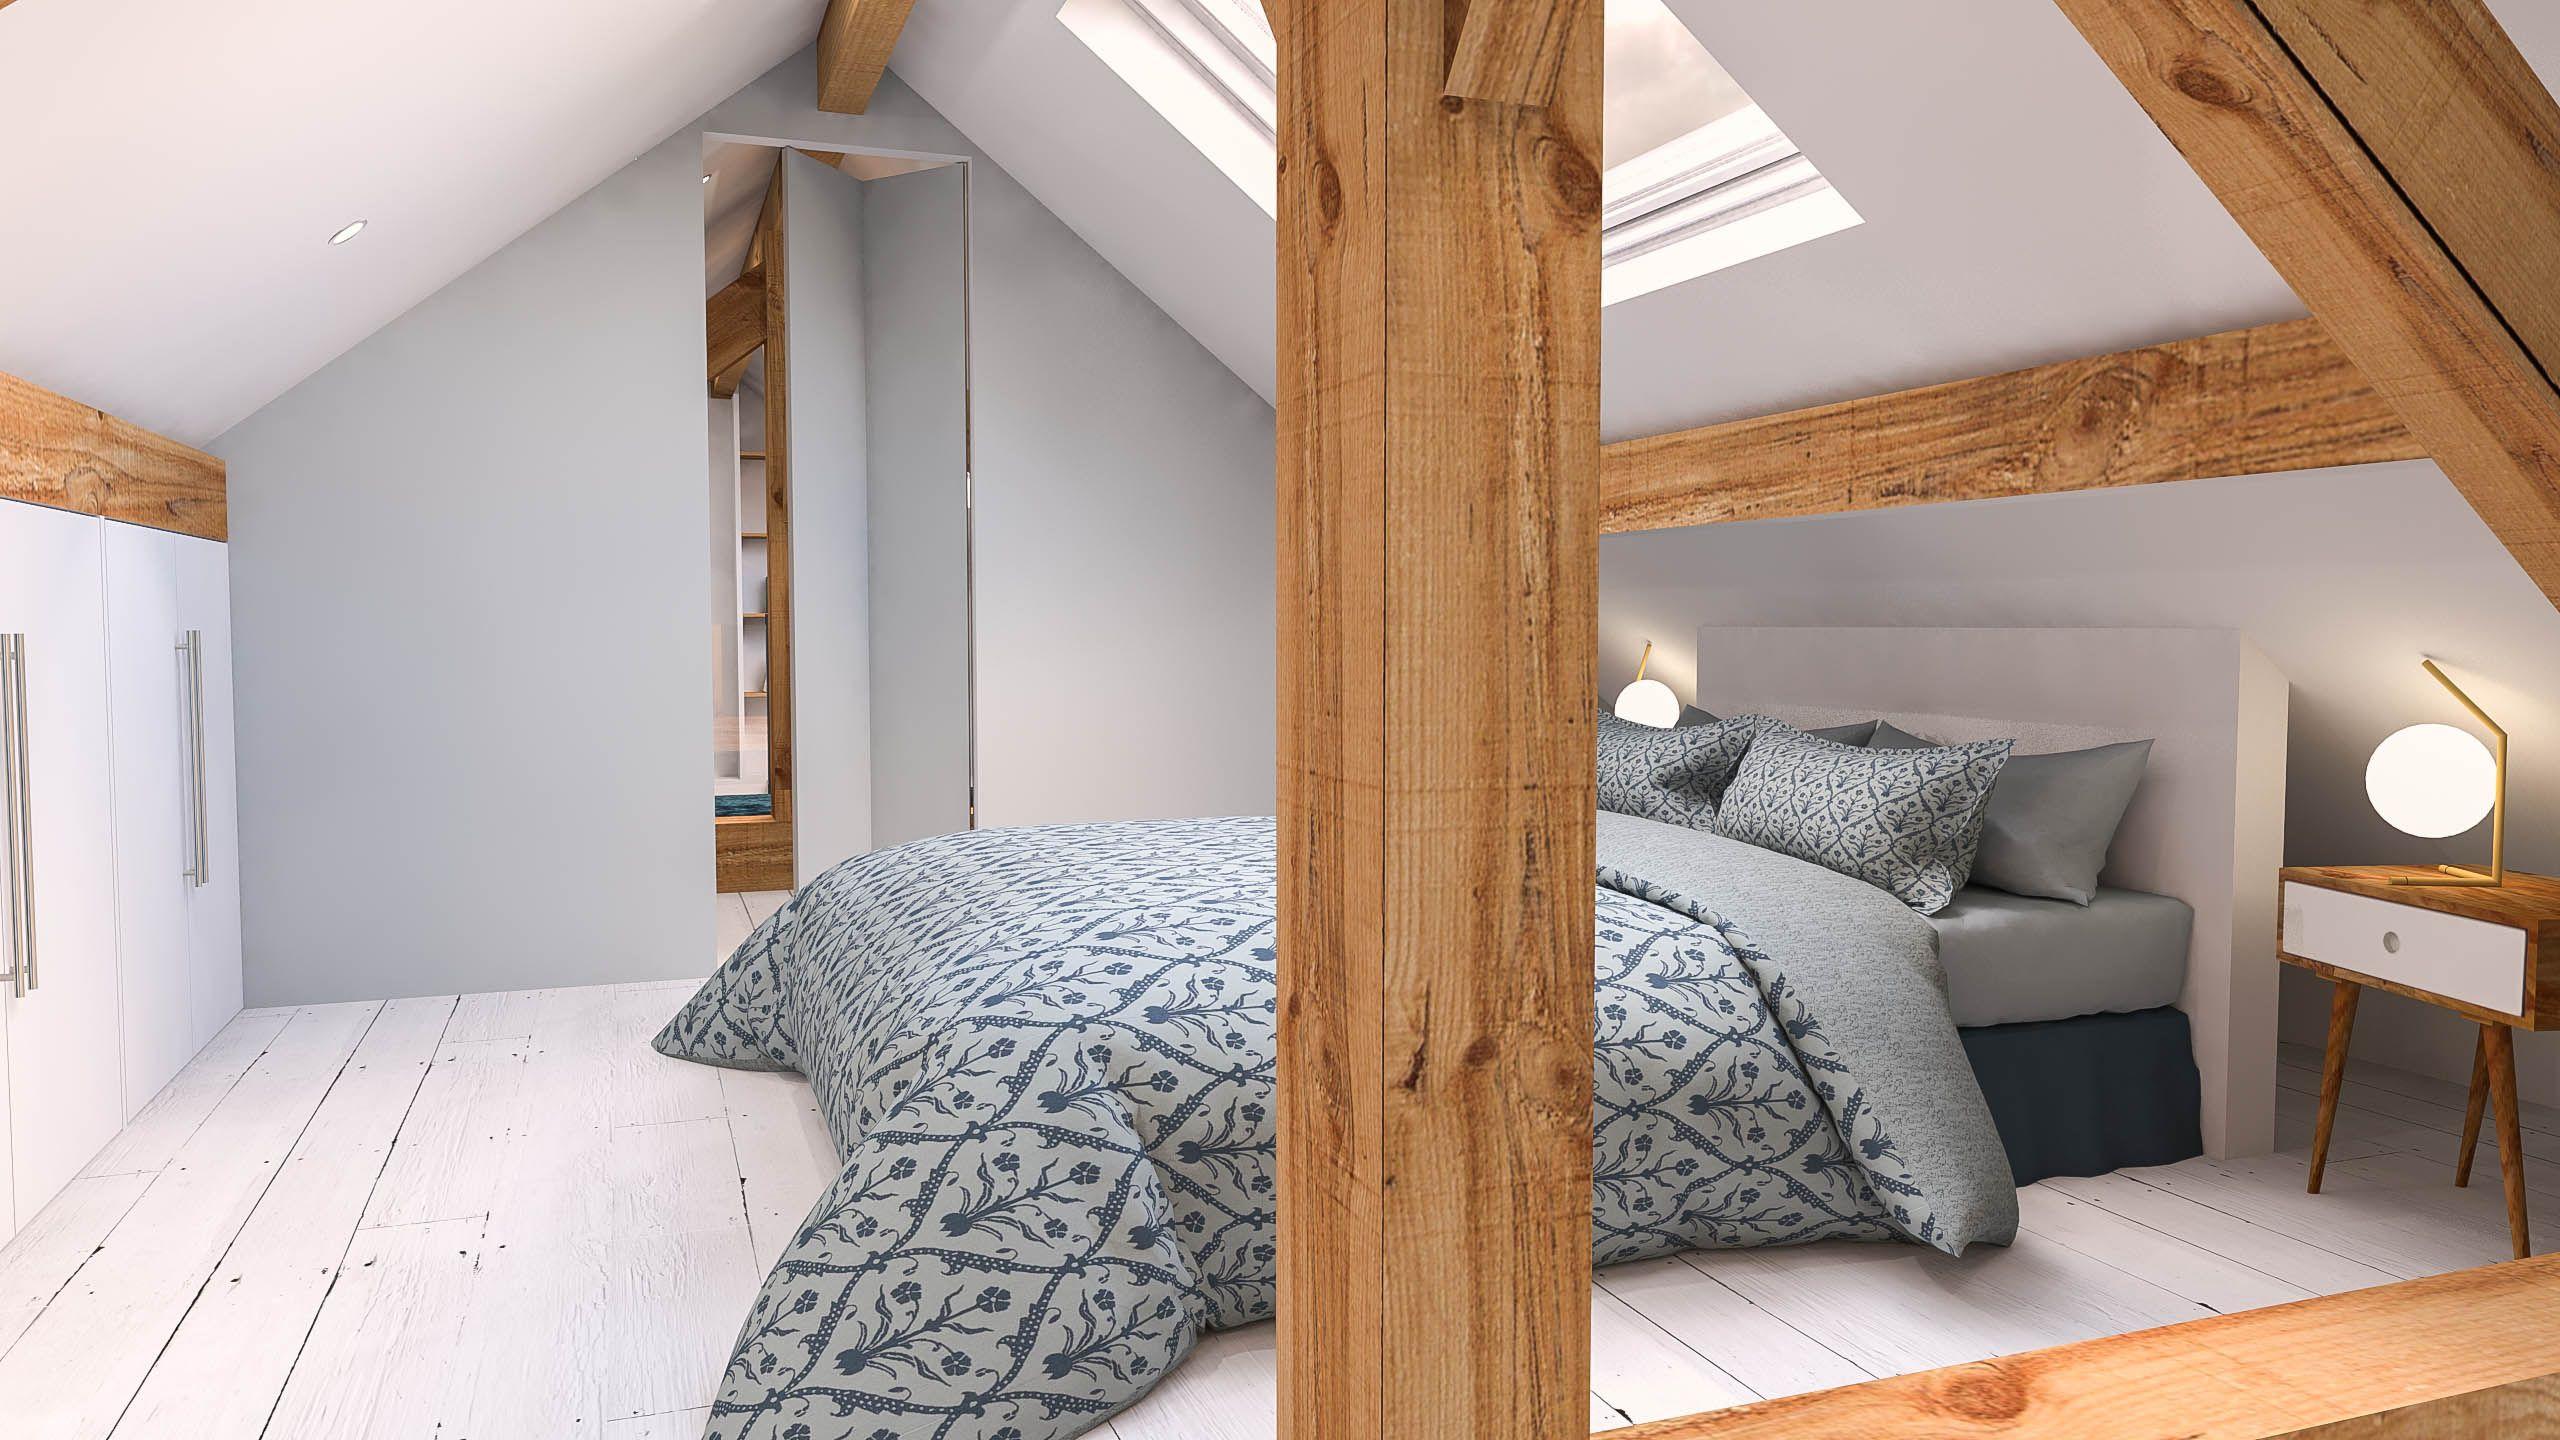 Chambre Comble Petit Espace | Idées décoration - Idées décoration